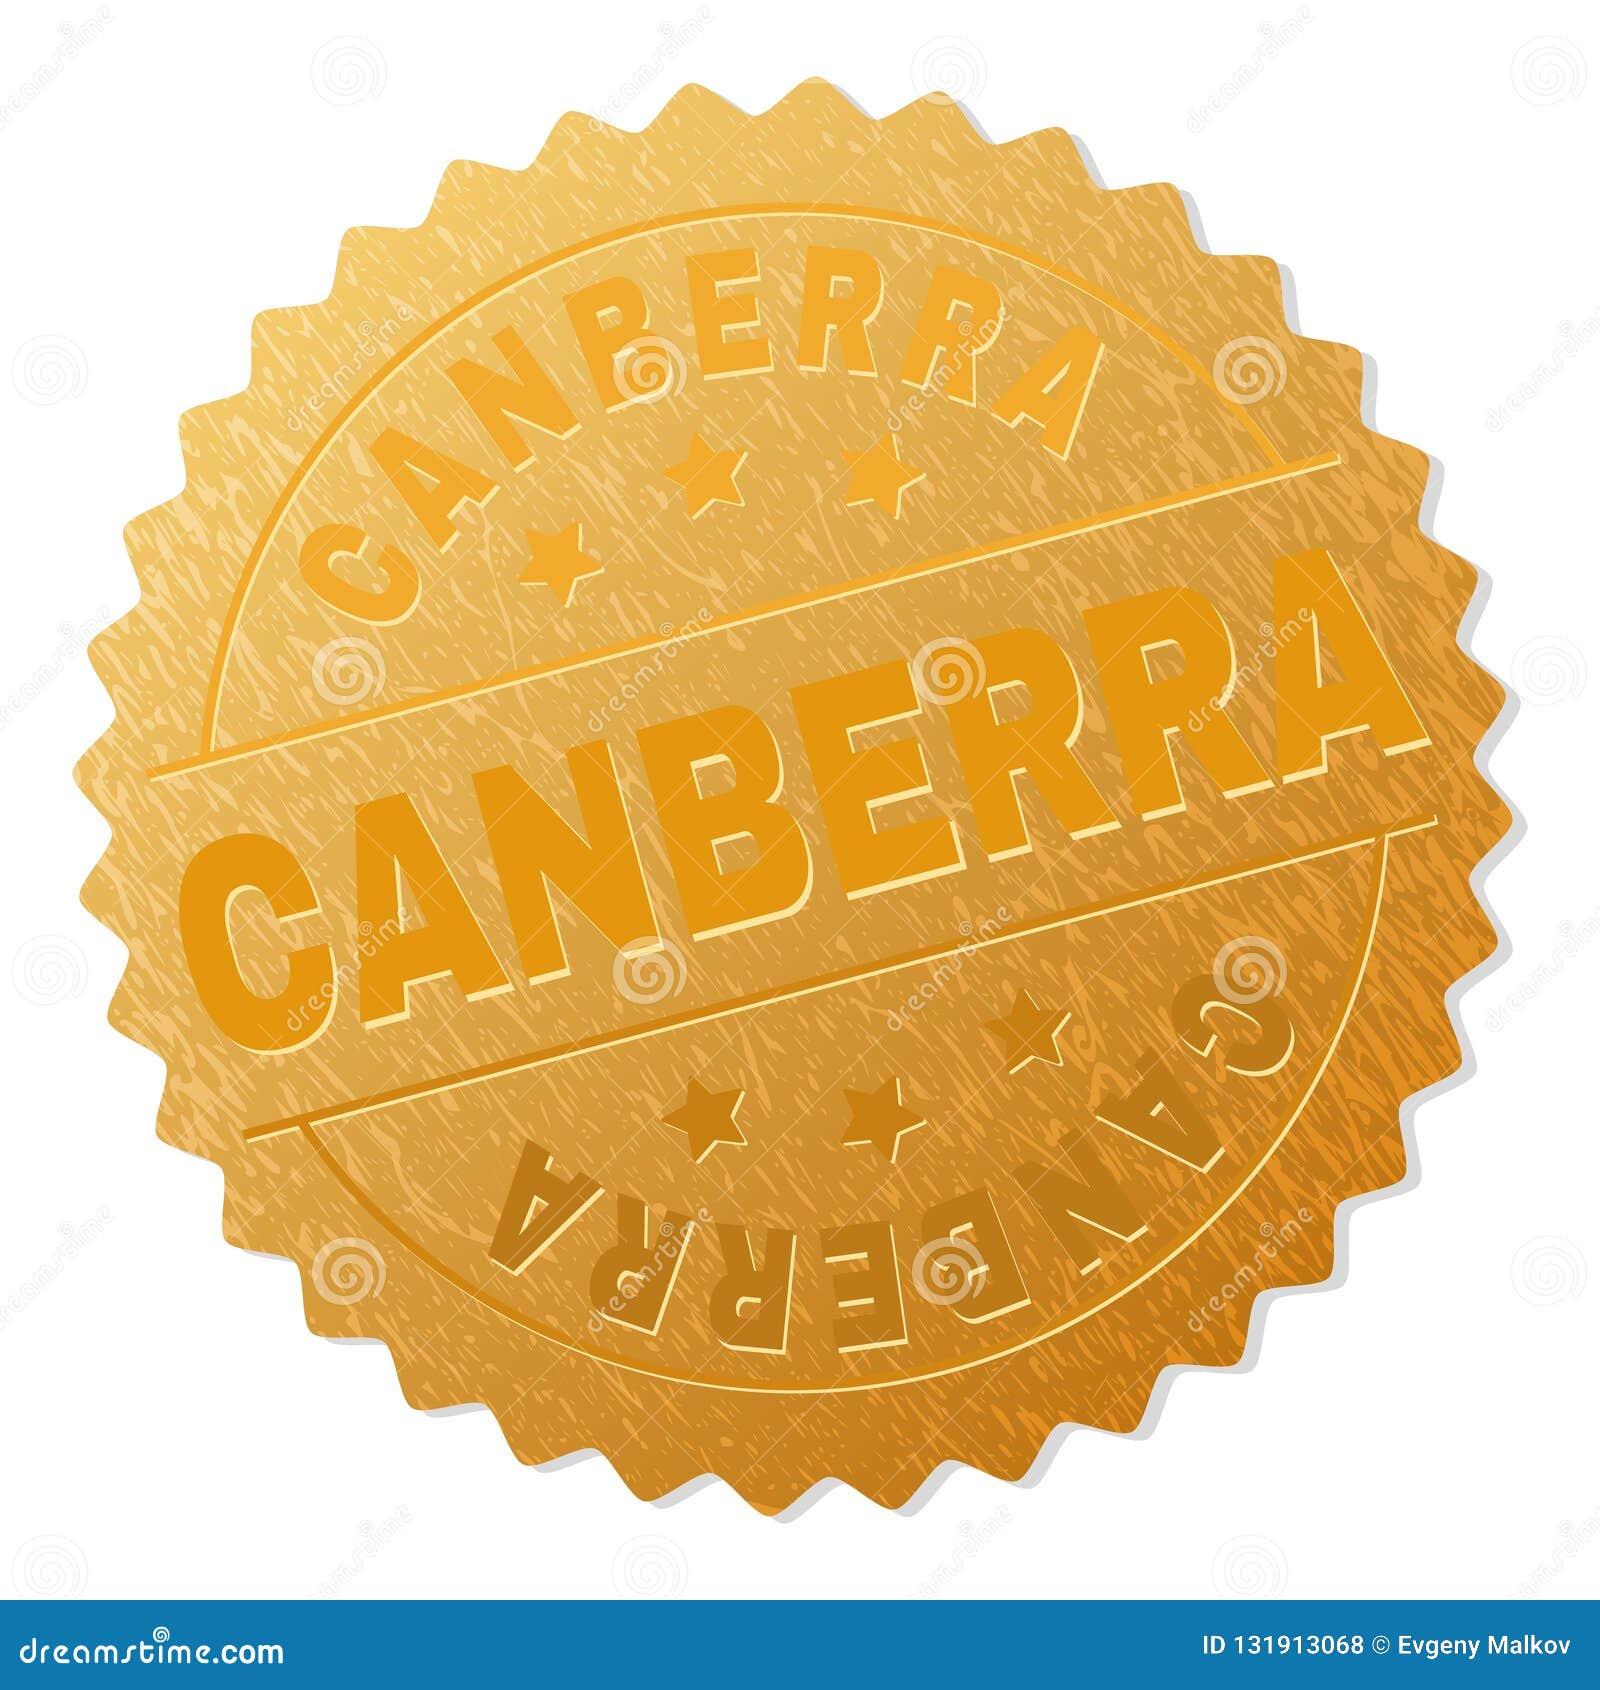 Gold CANBERRA Medal Stamp